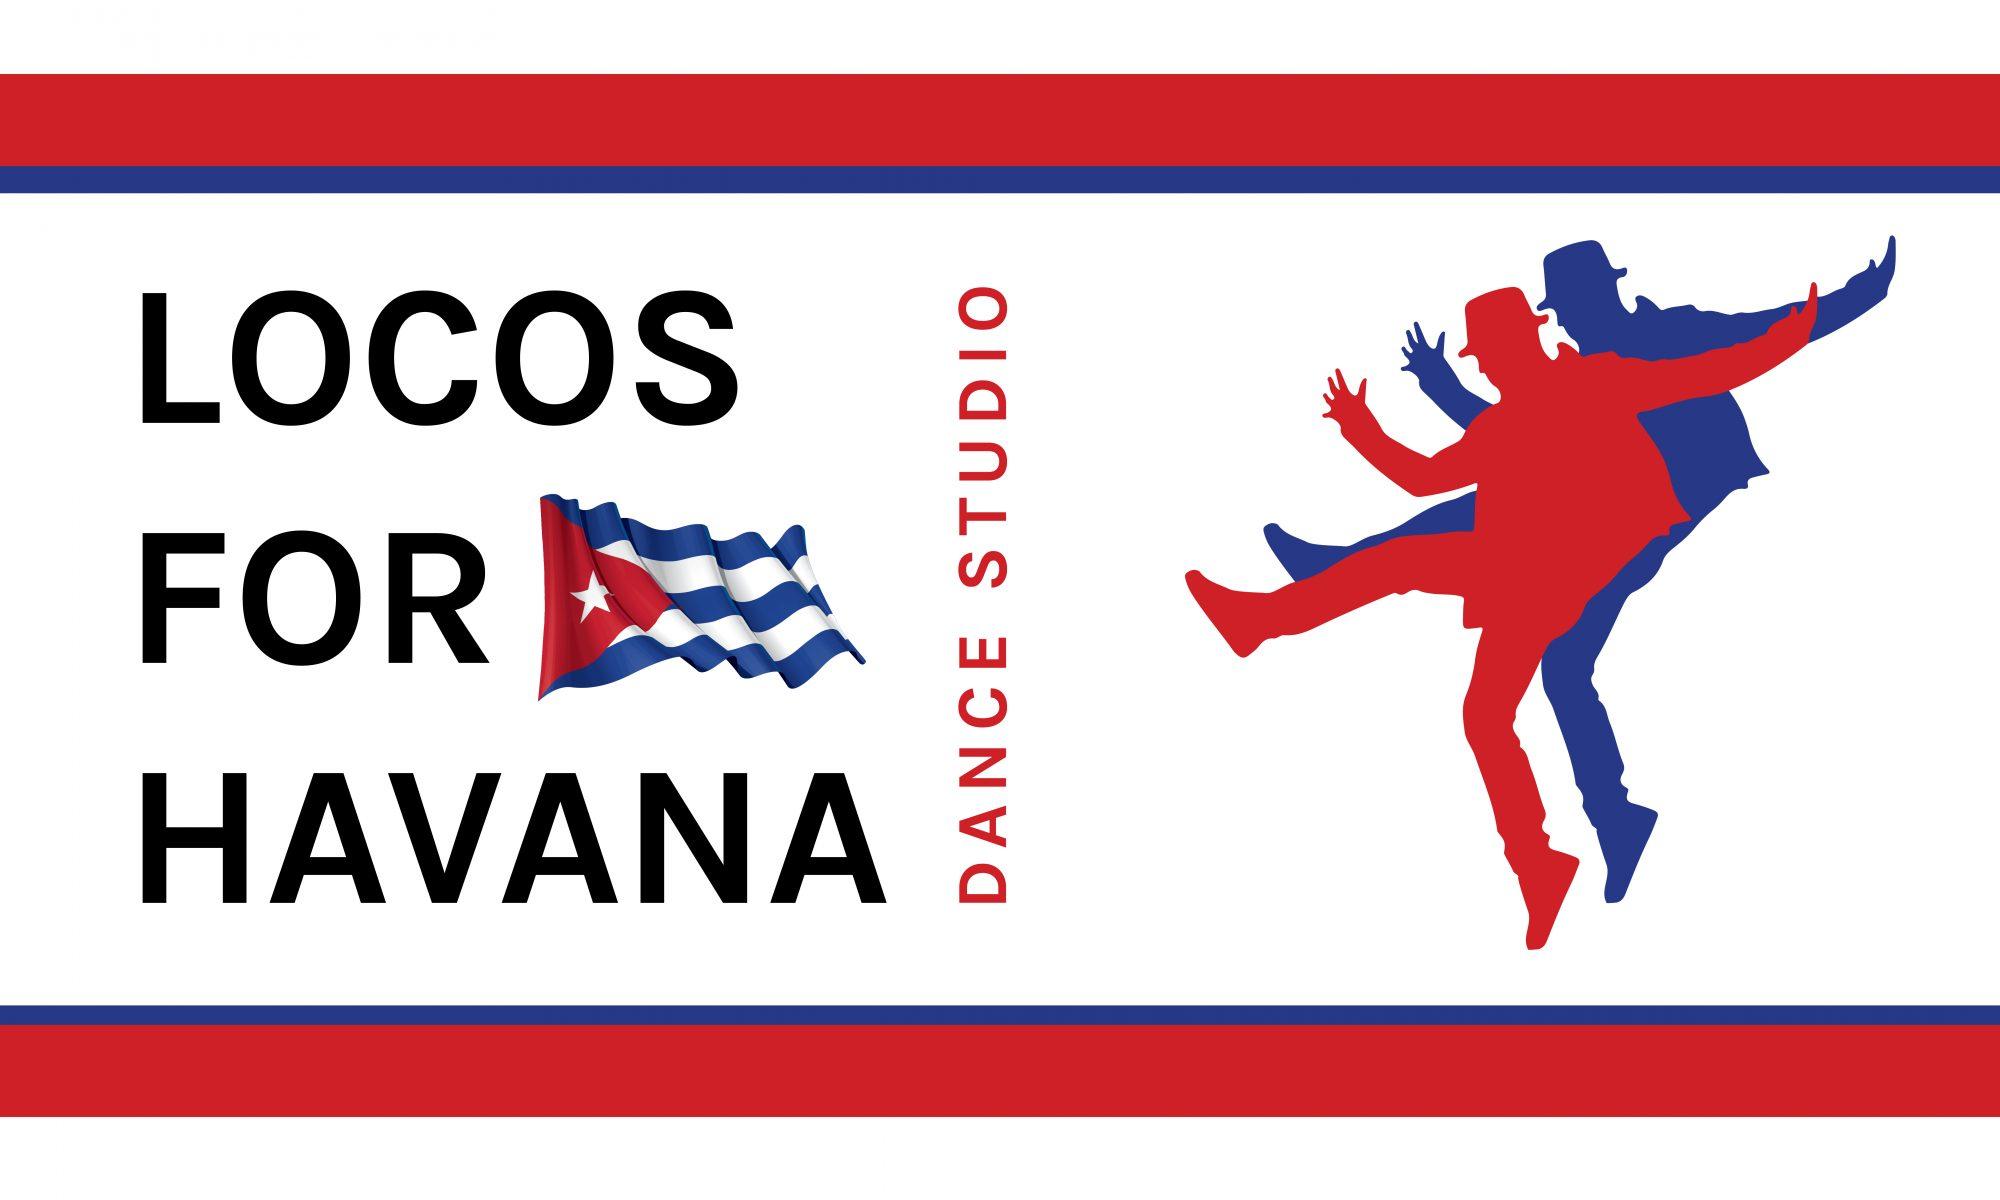 Locos for Havana